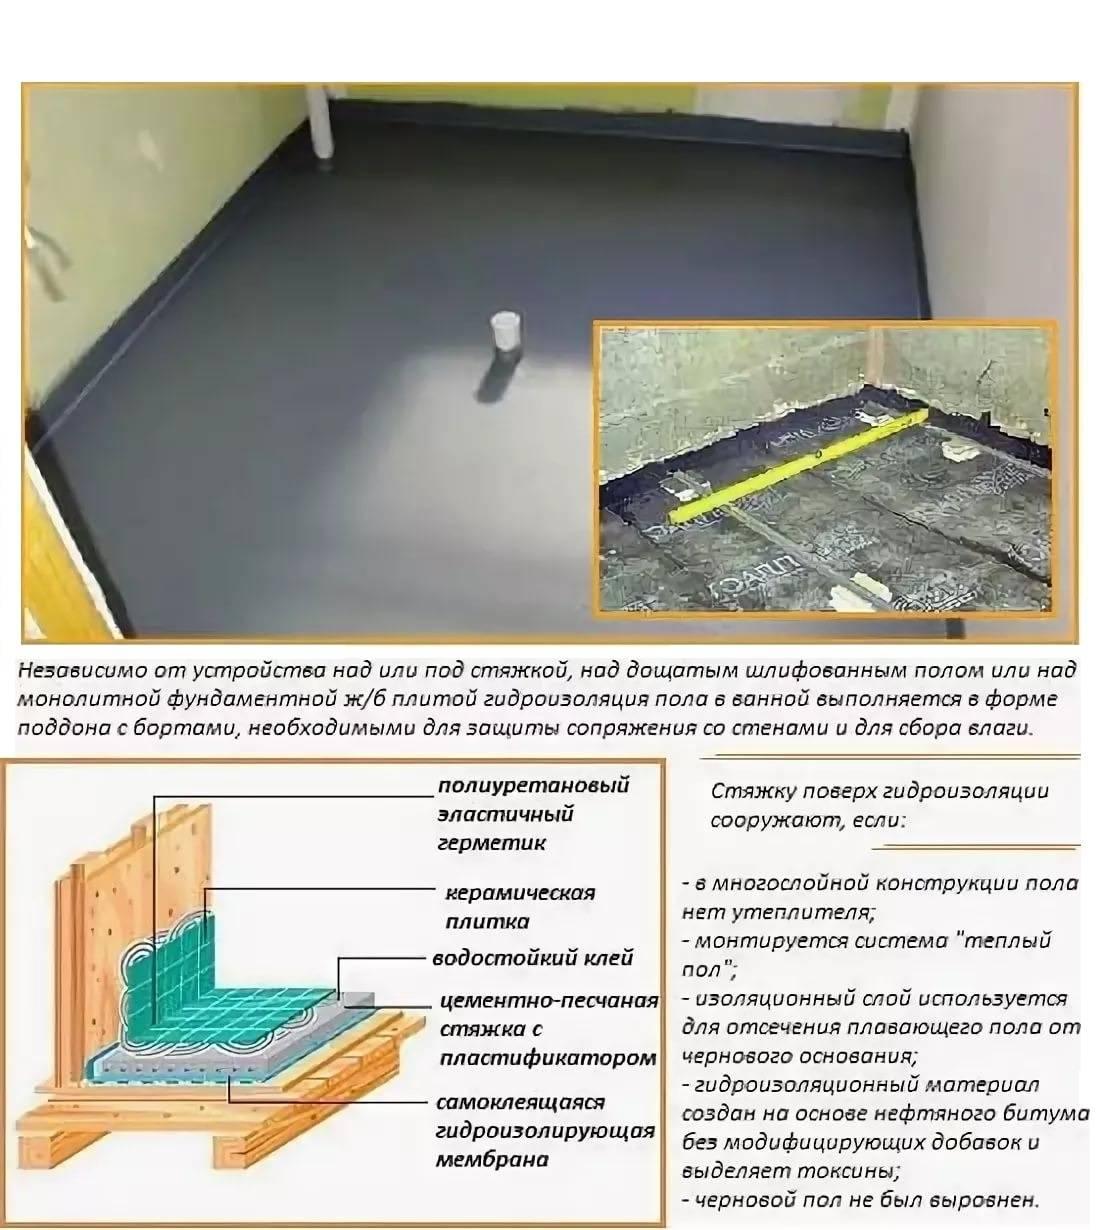 Гидроизоляция пола: устройство и виды утепления наливного покрытия плёнкой в комнате и кухне по грунту